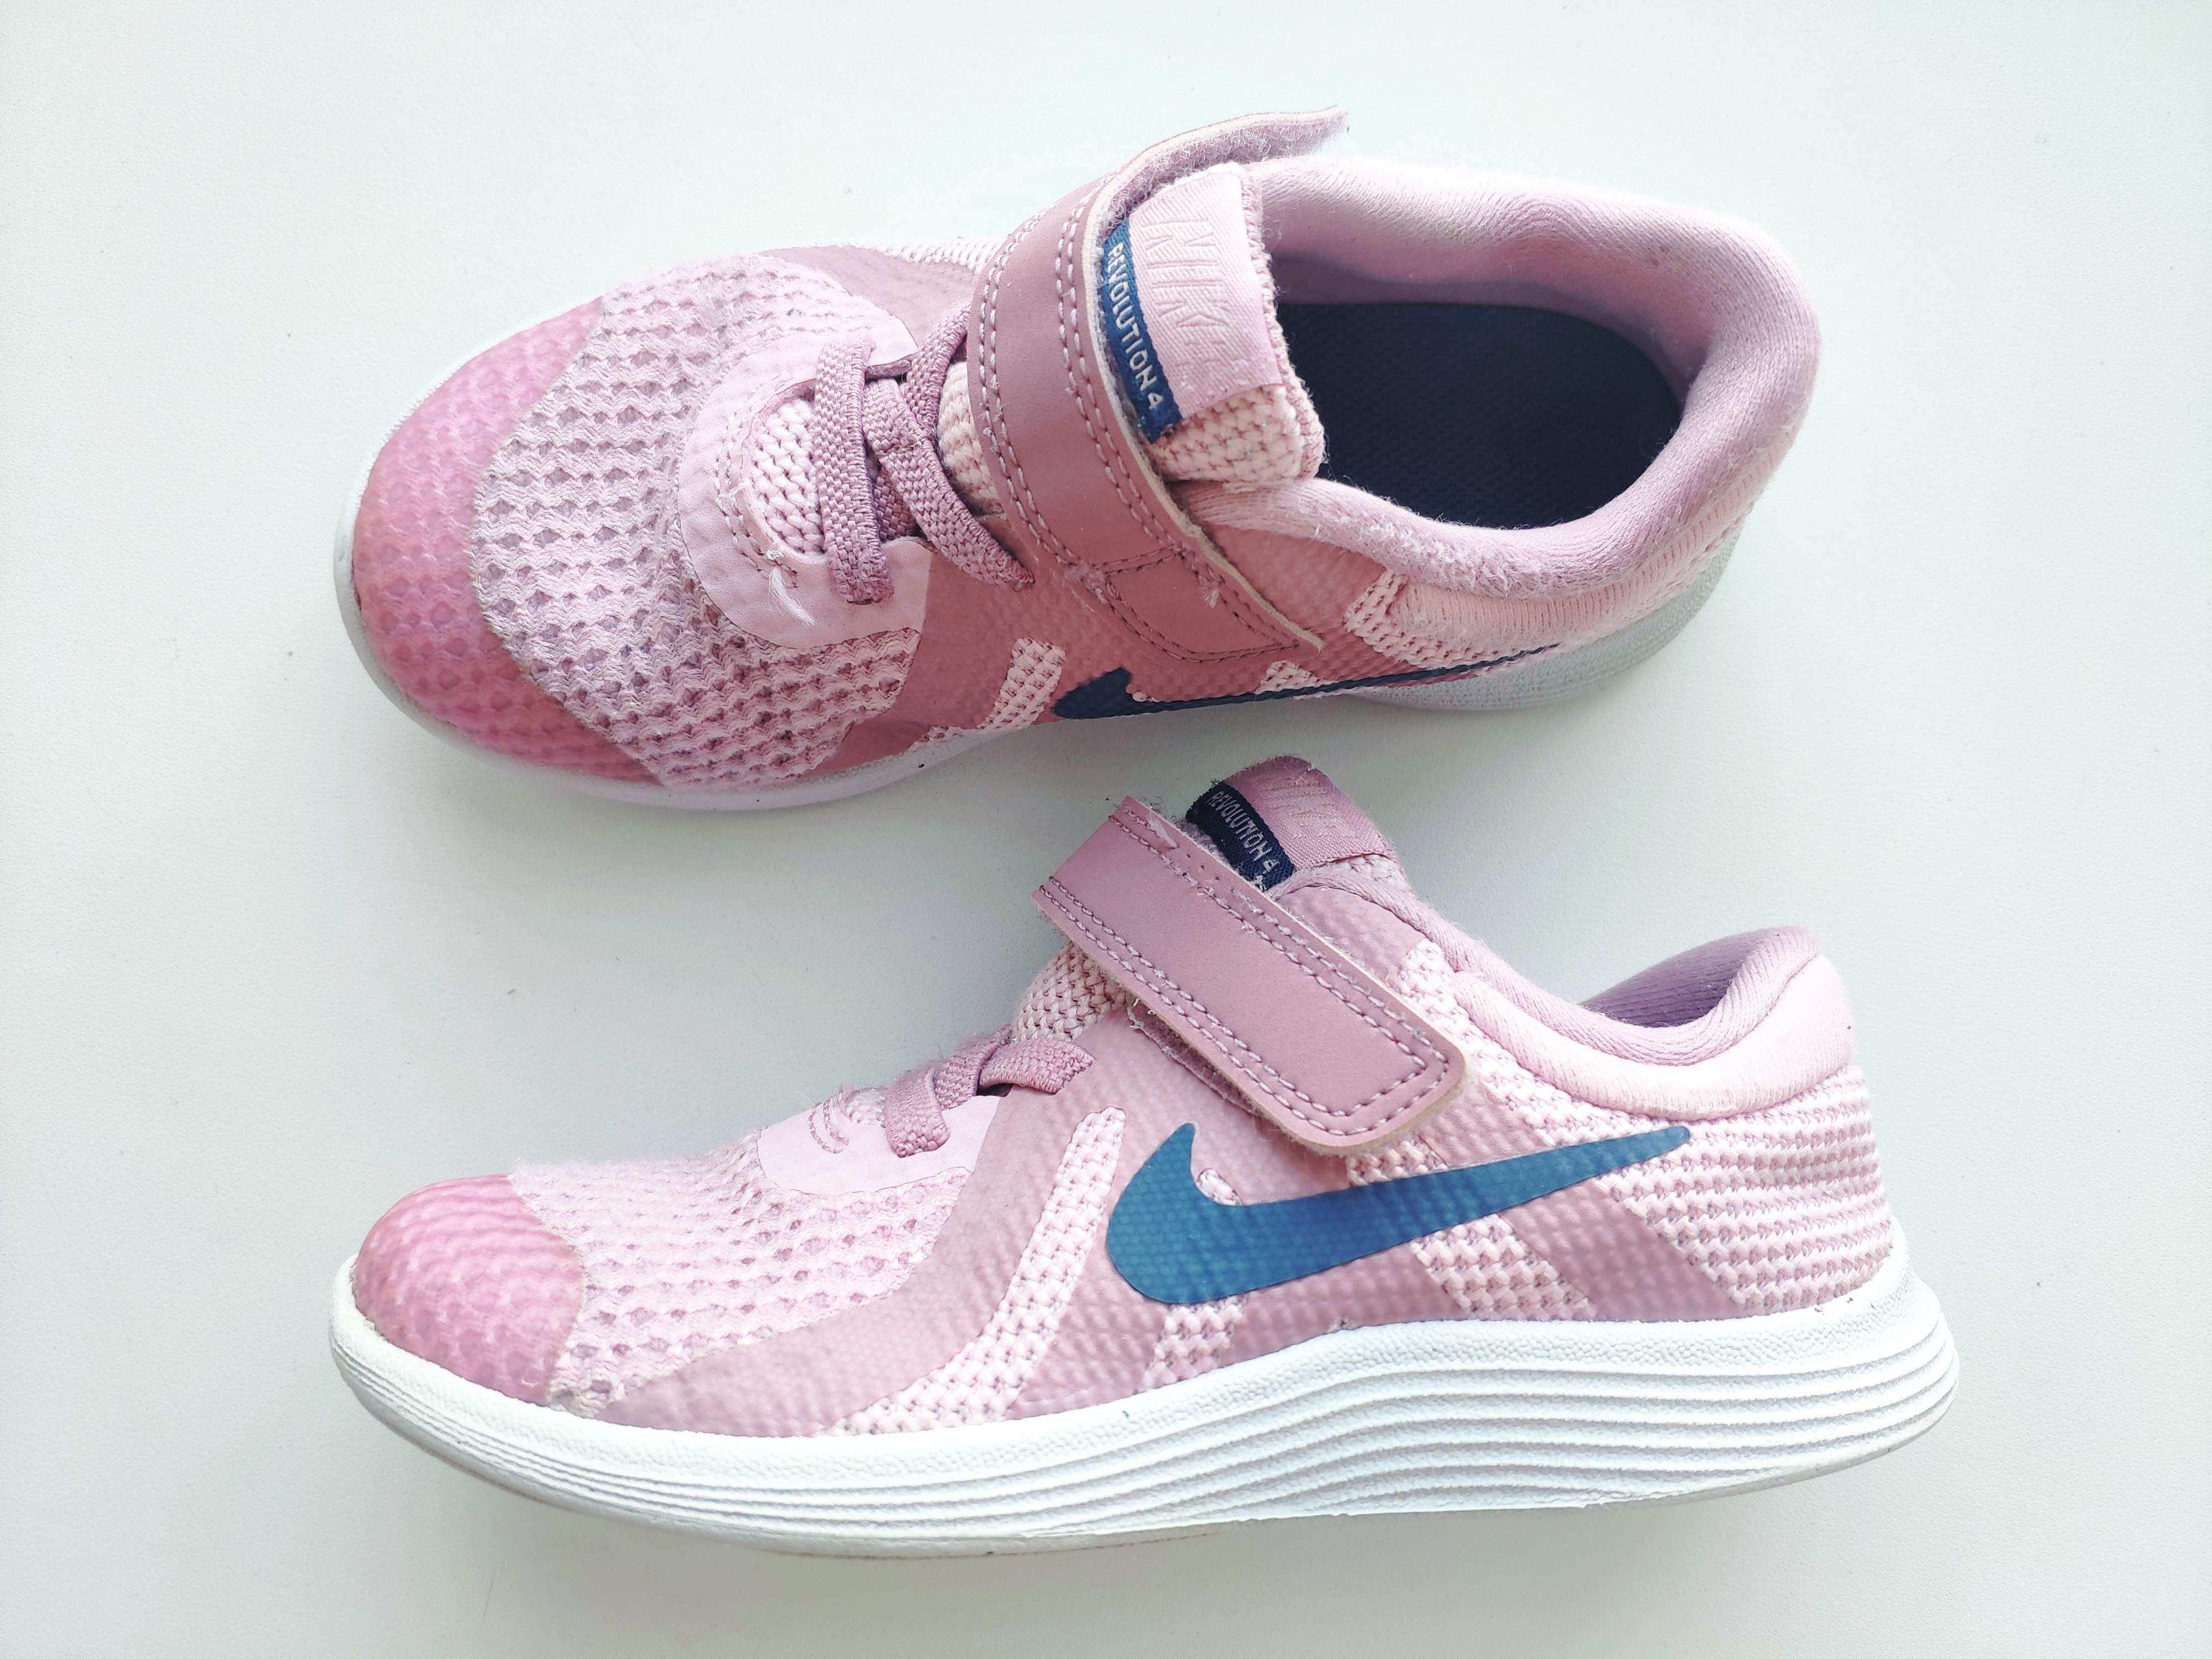 043f1bde 27 (17,5 см) Новая коллекция детских кроссовк Nike. Цена, купить 27 ...